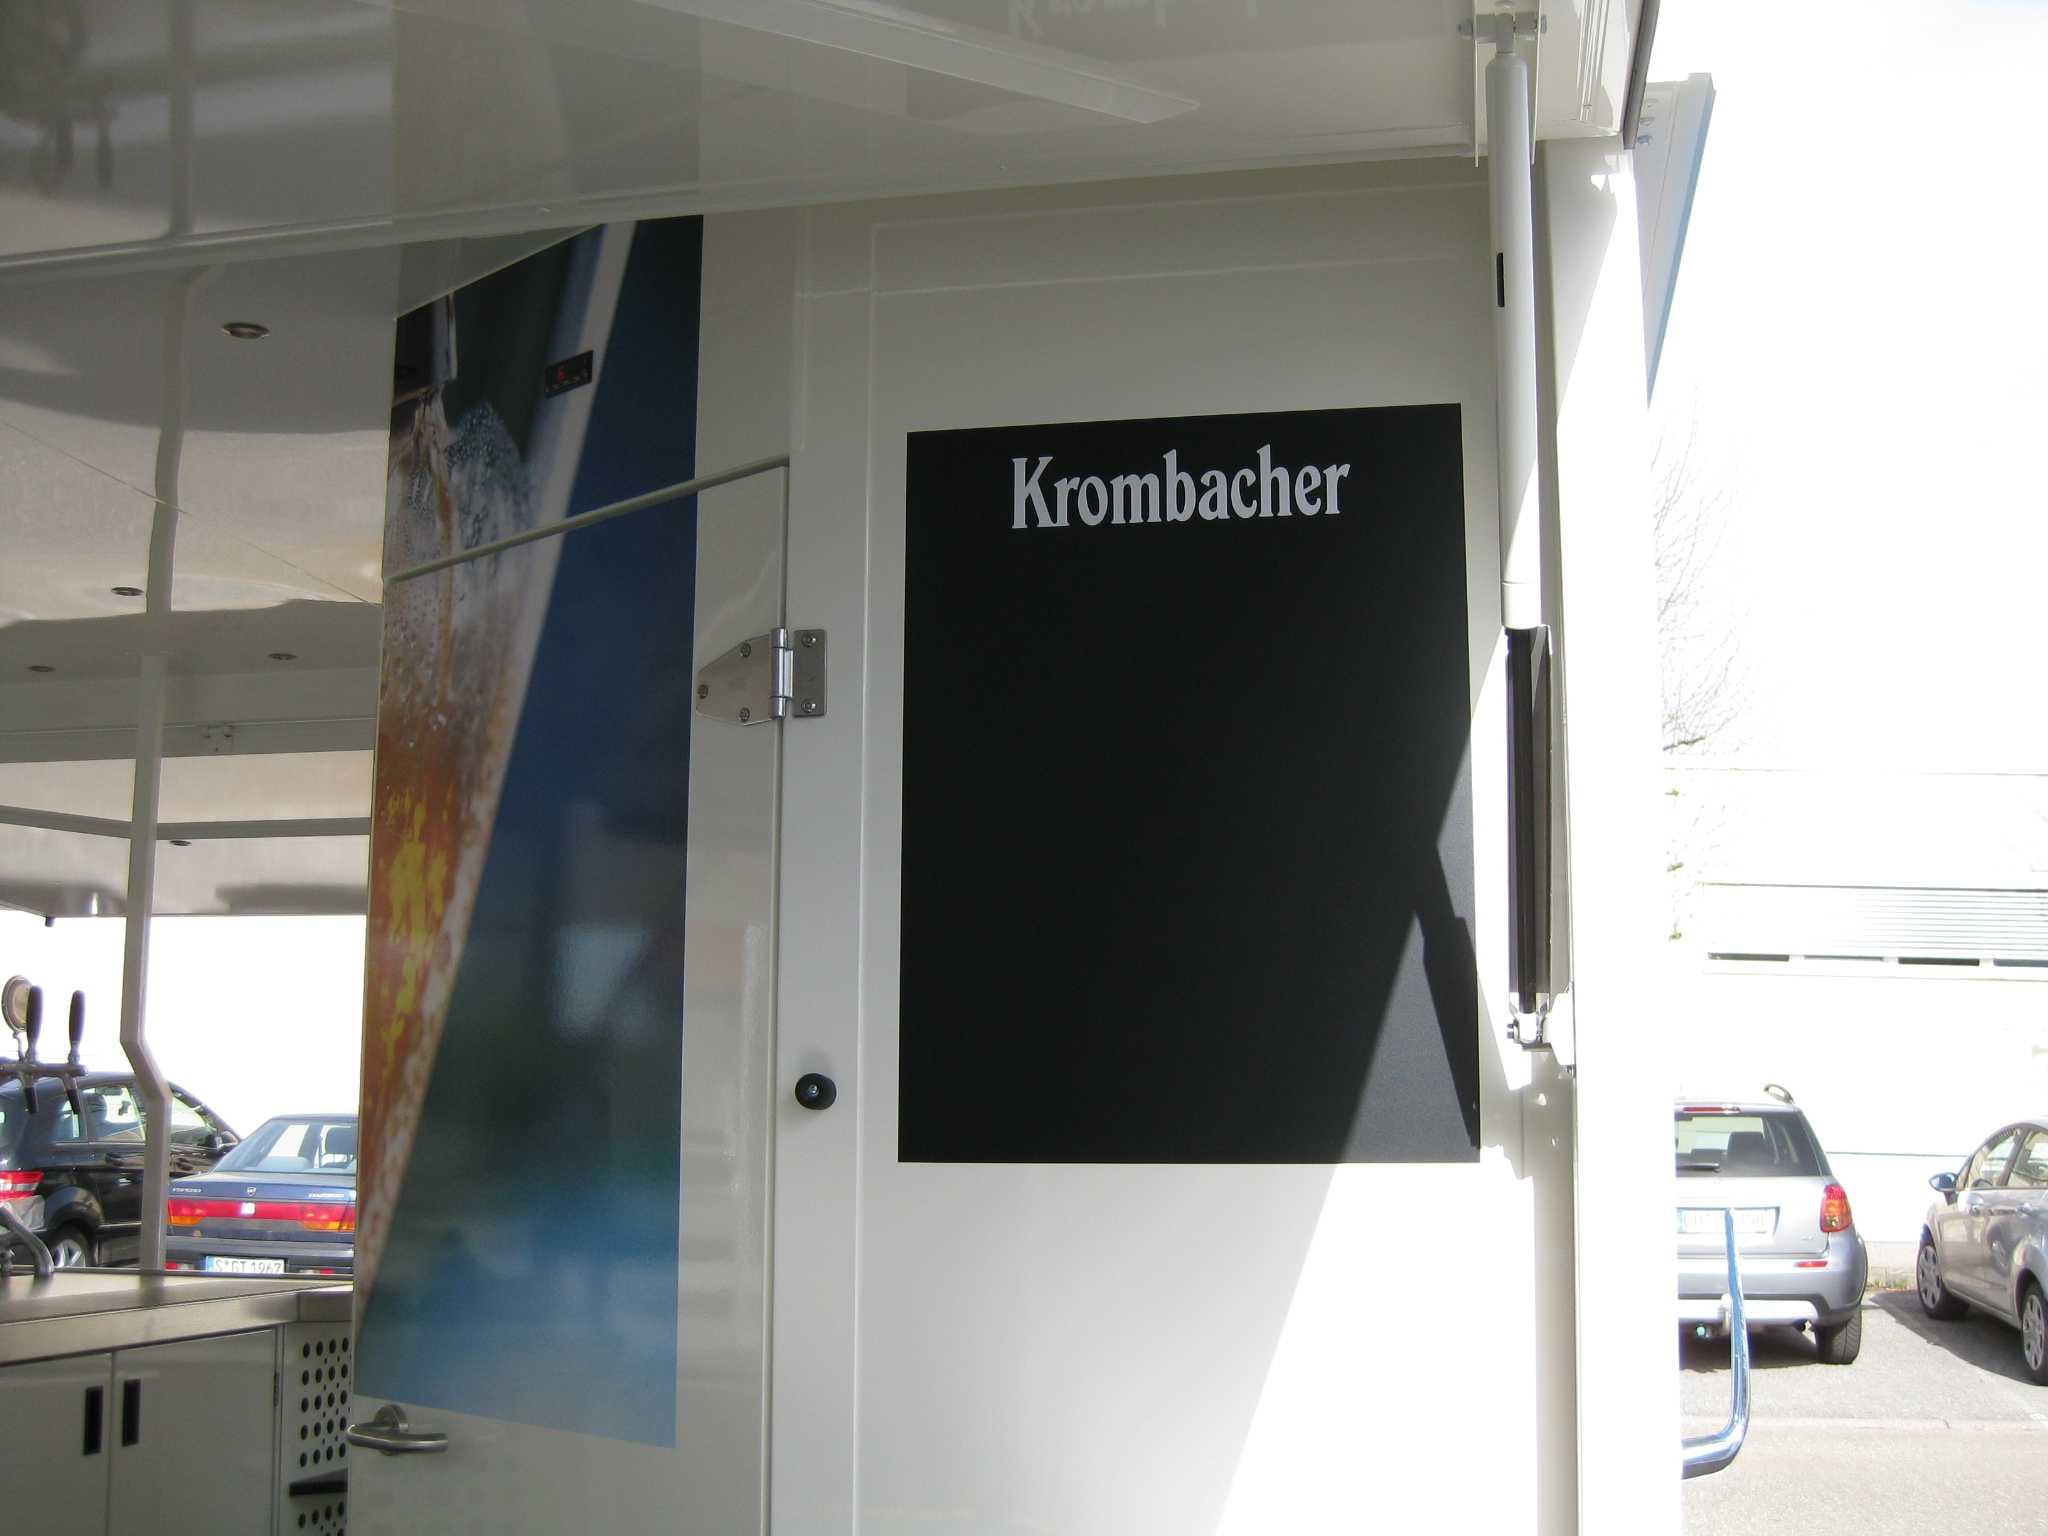 krombacher depot all in one ludwigsburg ihre eventagentur. Black Bedroom Furniture Sets. Home Design Ideas